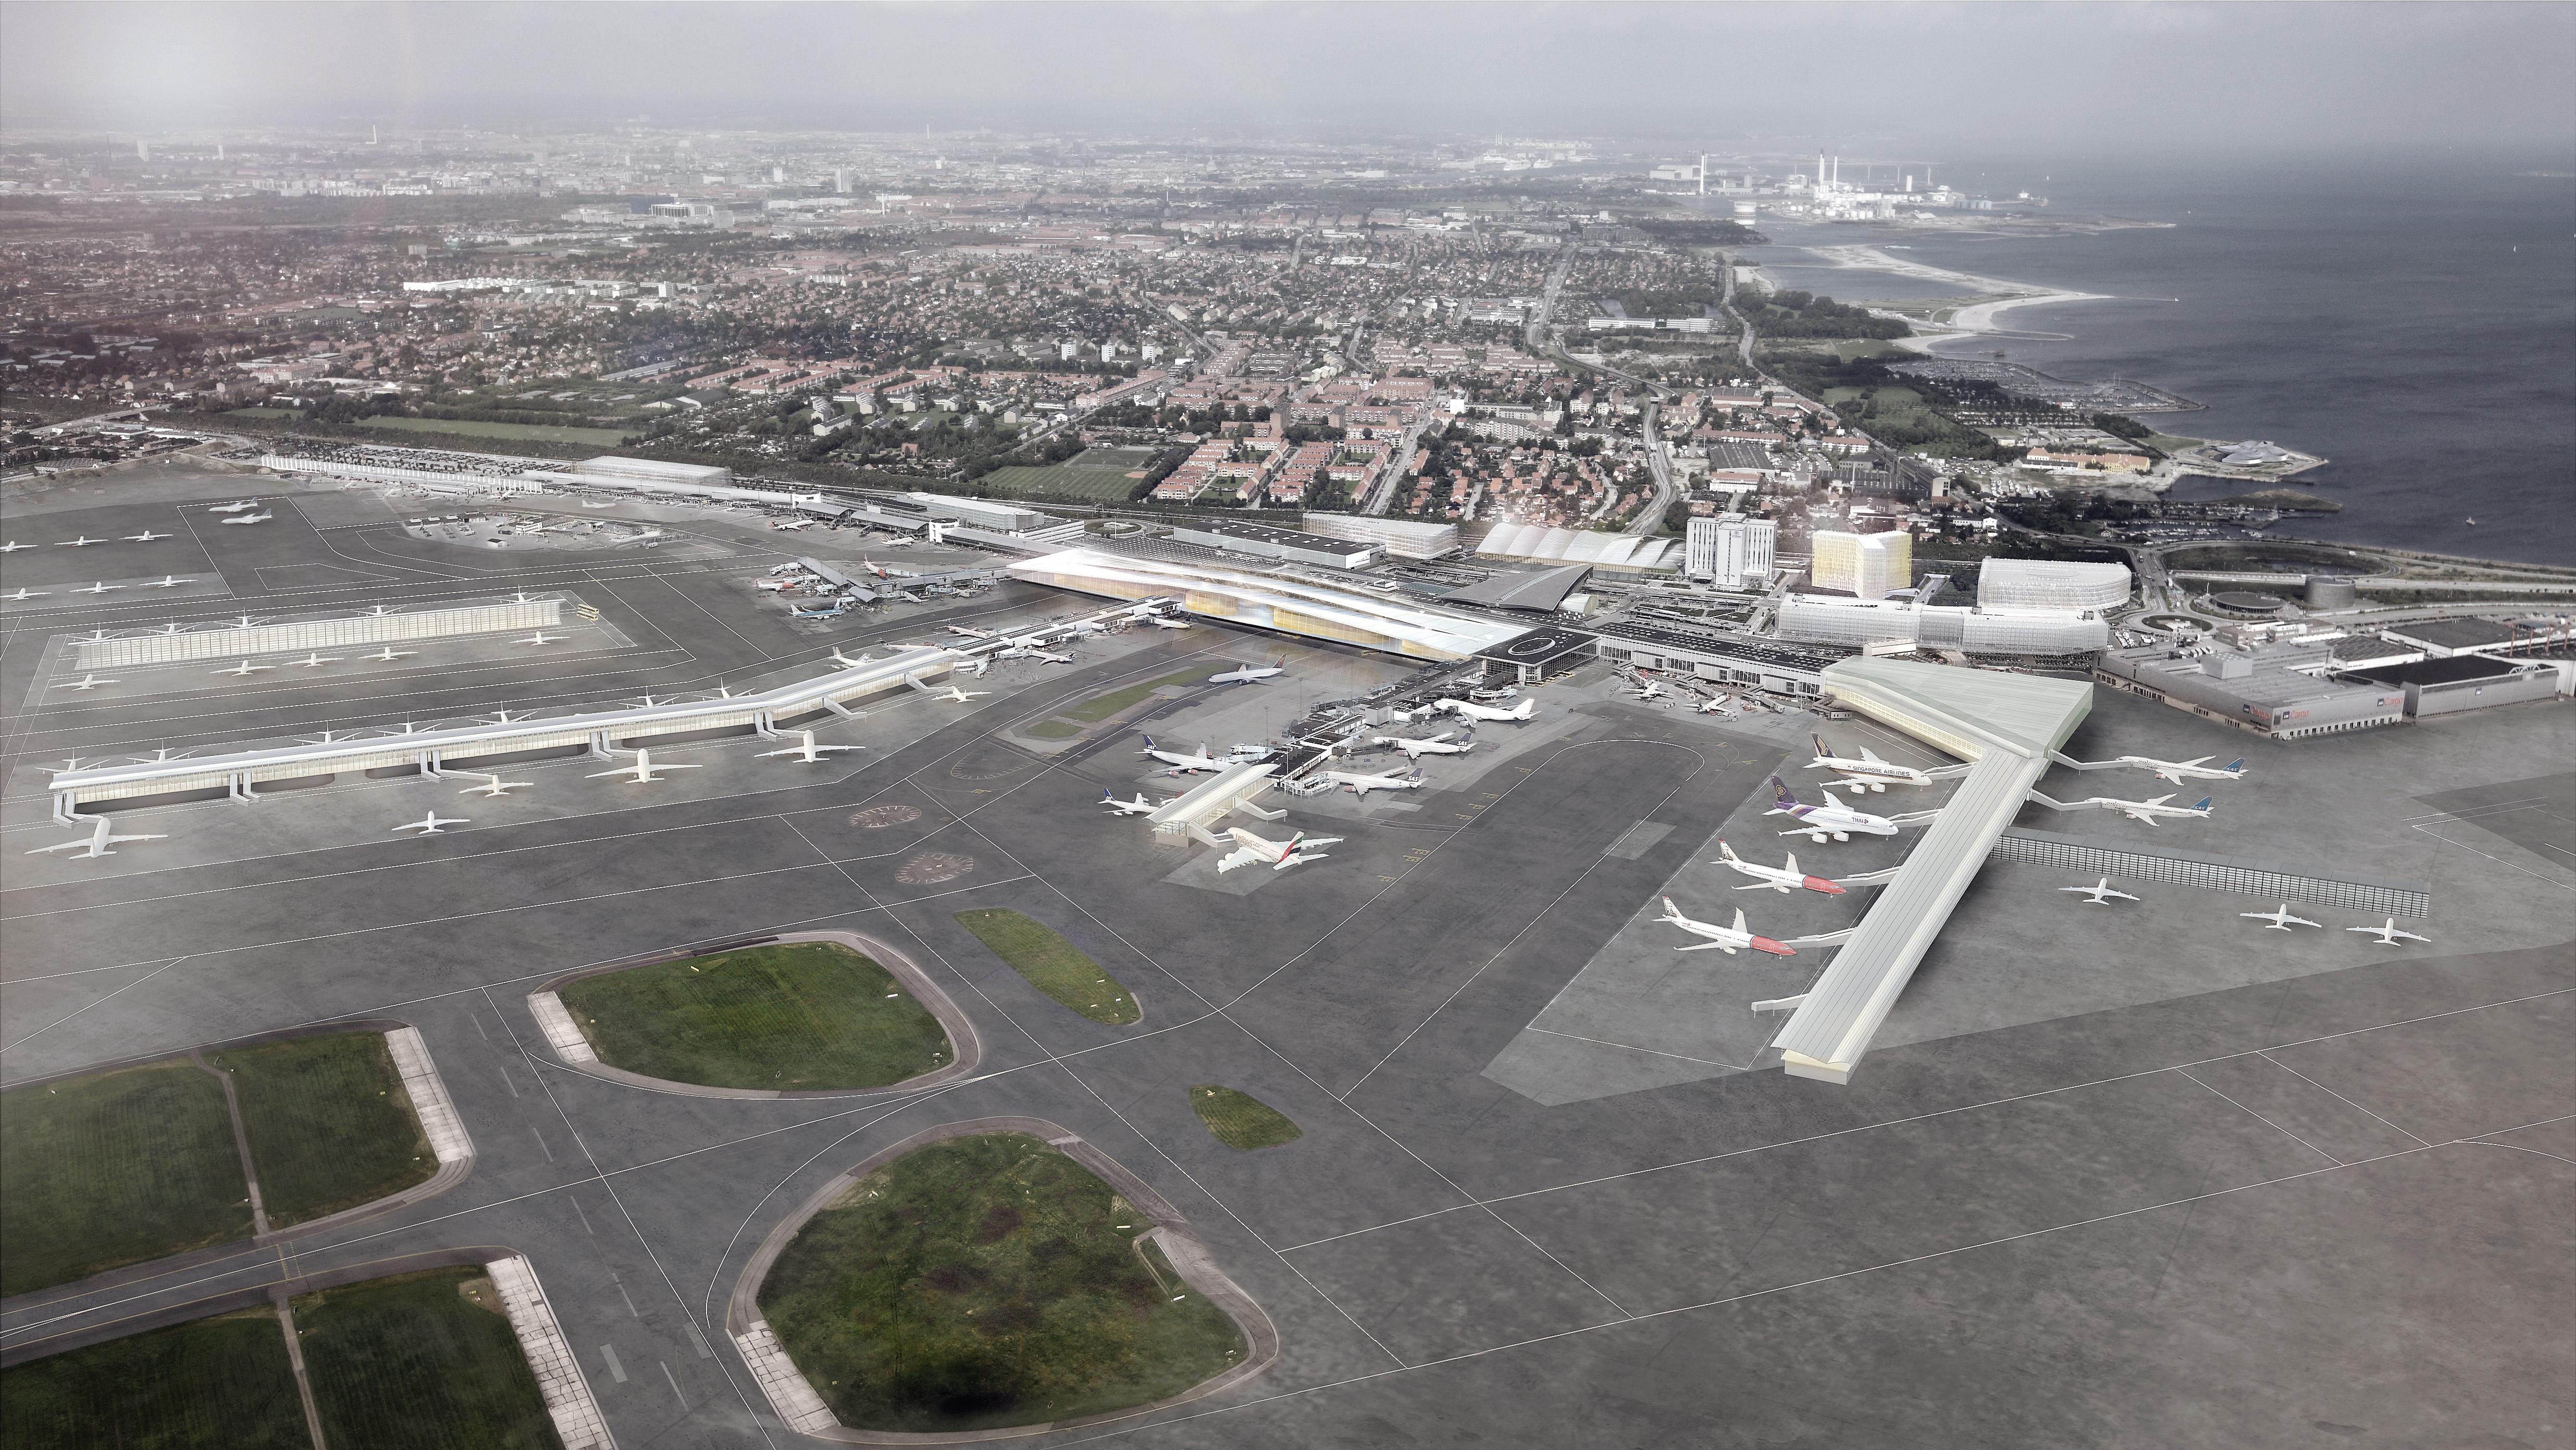 Københavns Lufthavn Masterplan – oversigtsbillede. (Foto: Københavns Lufthavn)